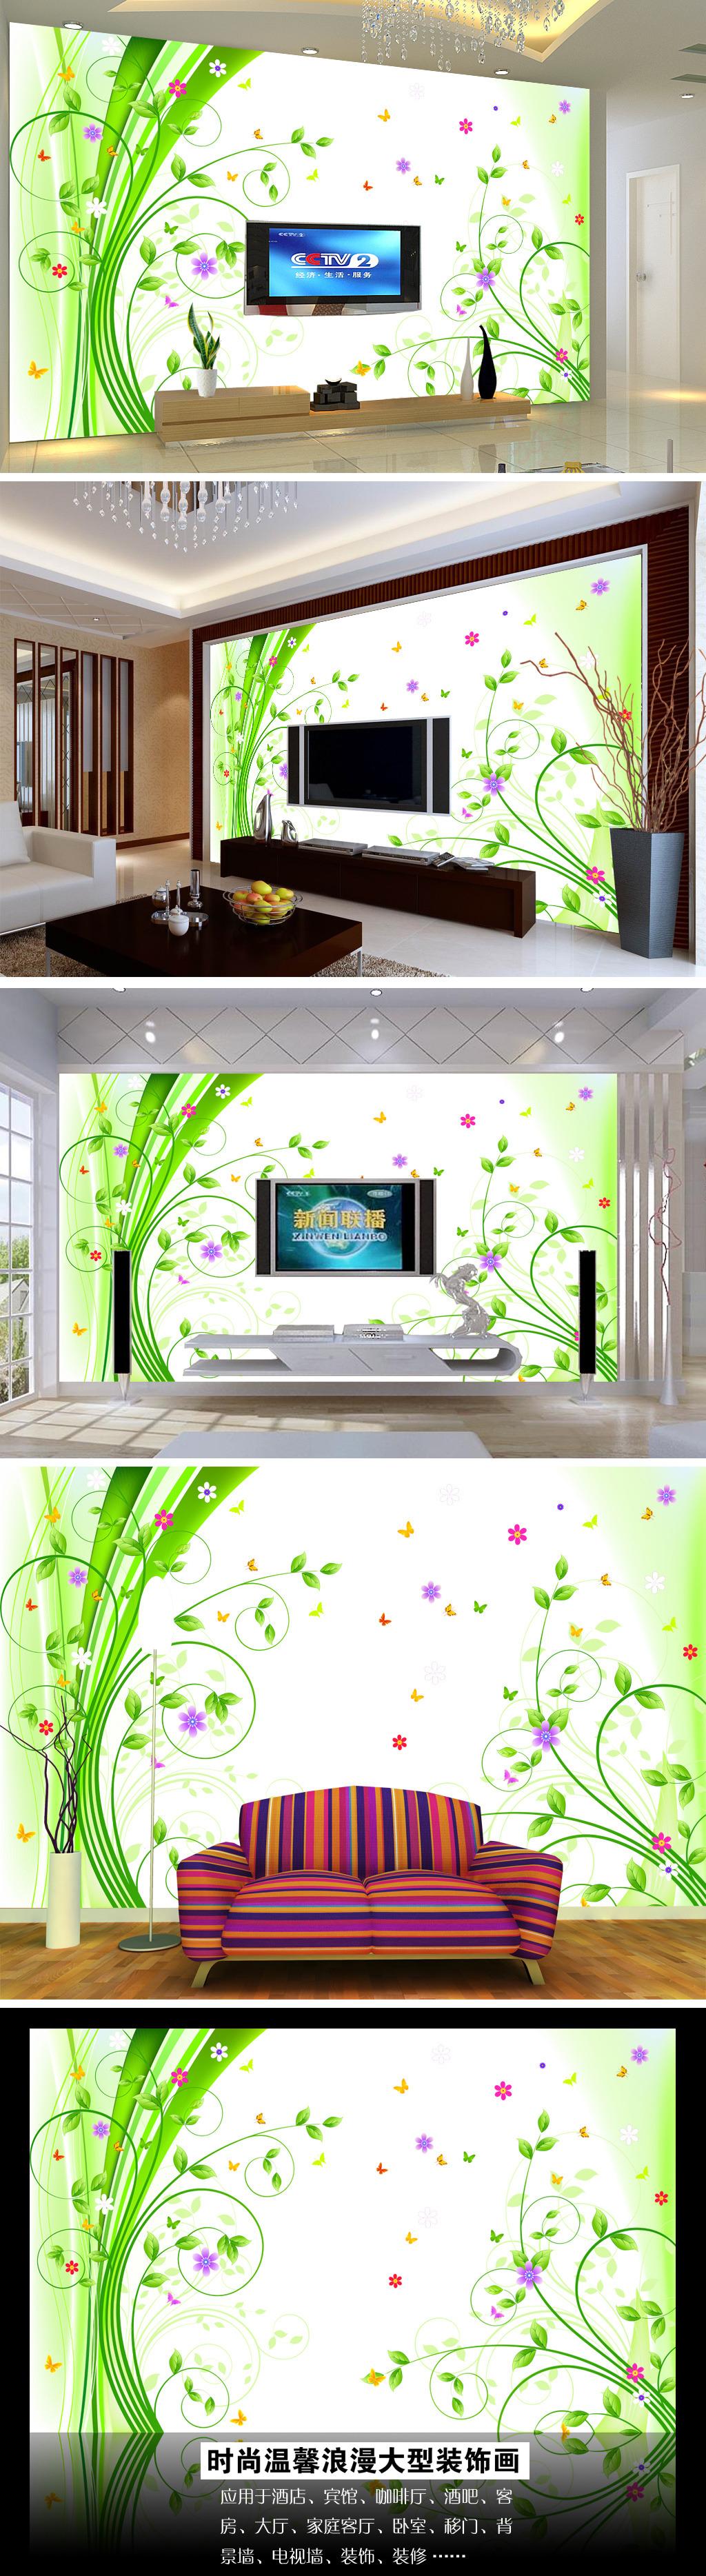 手绘花朵花藤电视背景墙模板下载 图片下载 花朵 花卉 花苞 花藤 绿藤